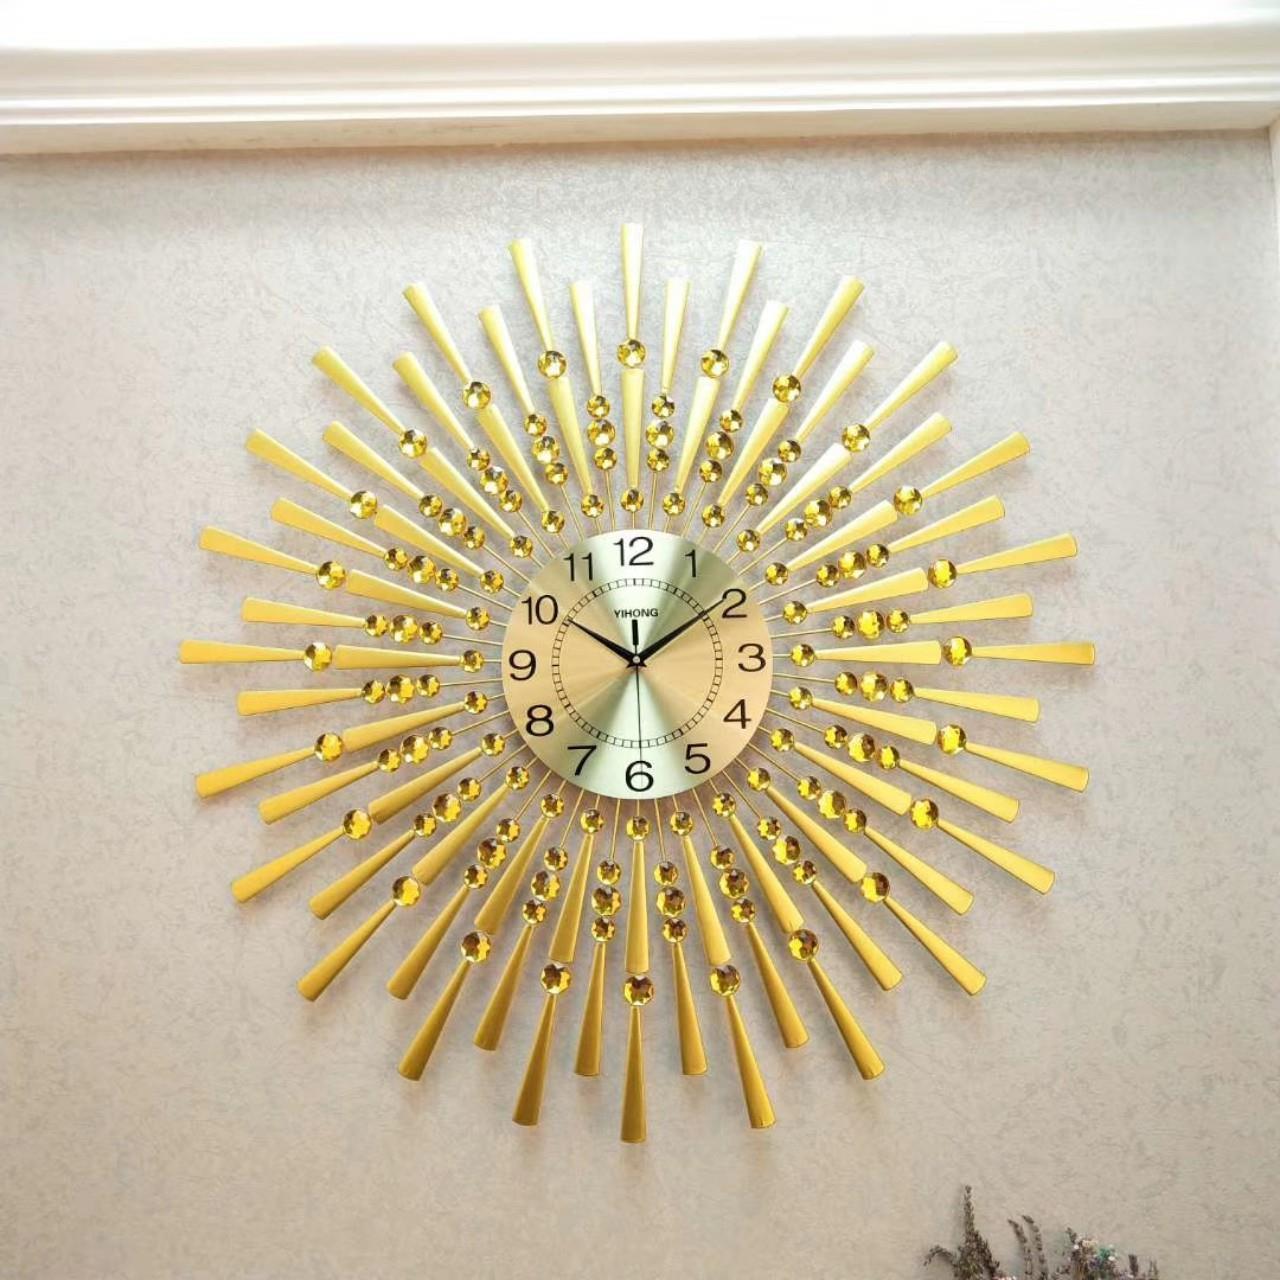 Tổng hợp các mẫu đồng hồ treo tường đẹp giá tốt